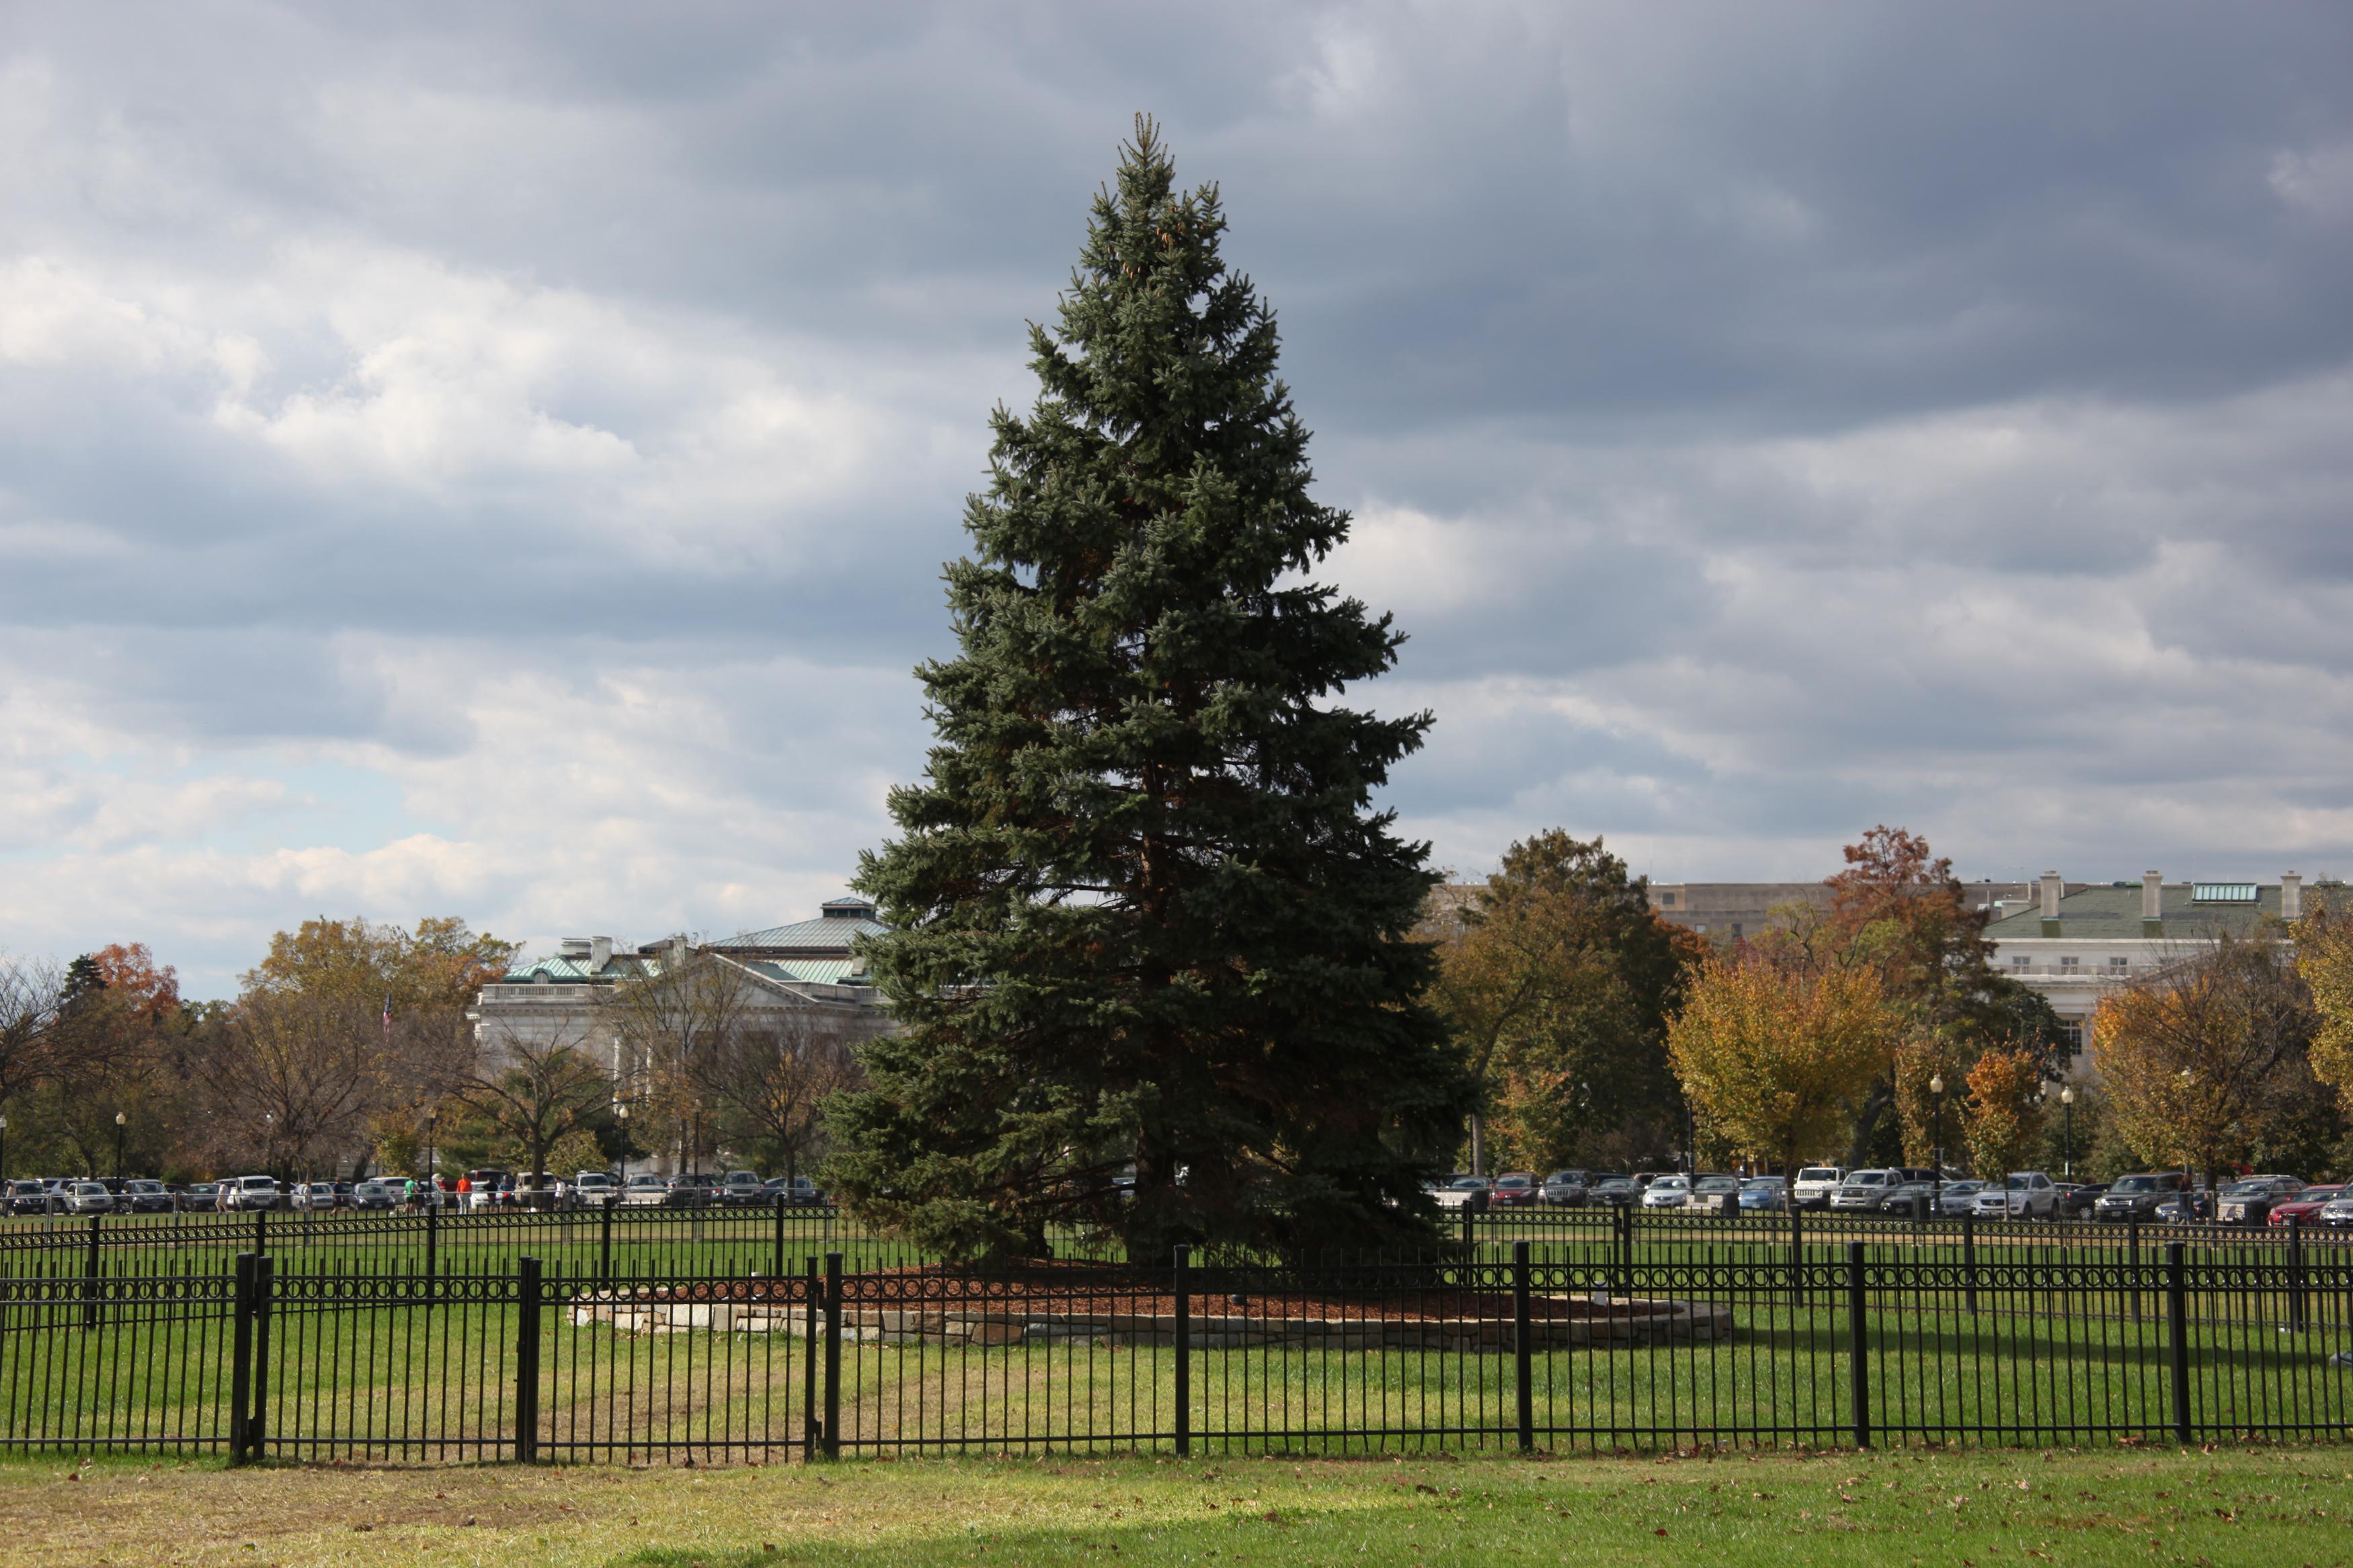 U.S. National Christmas Tree on November 2, 2012